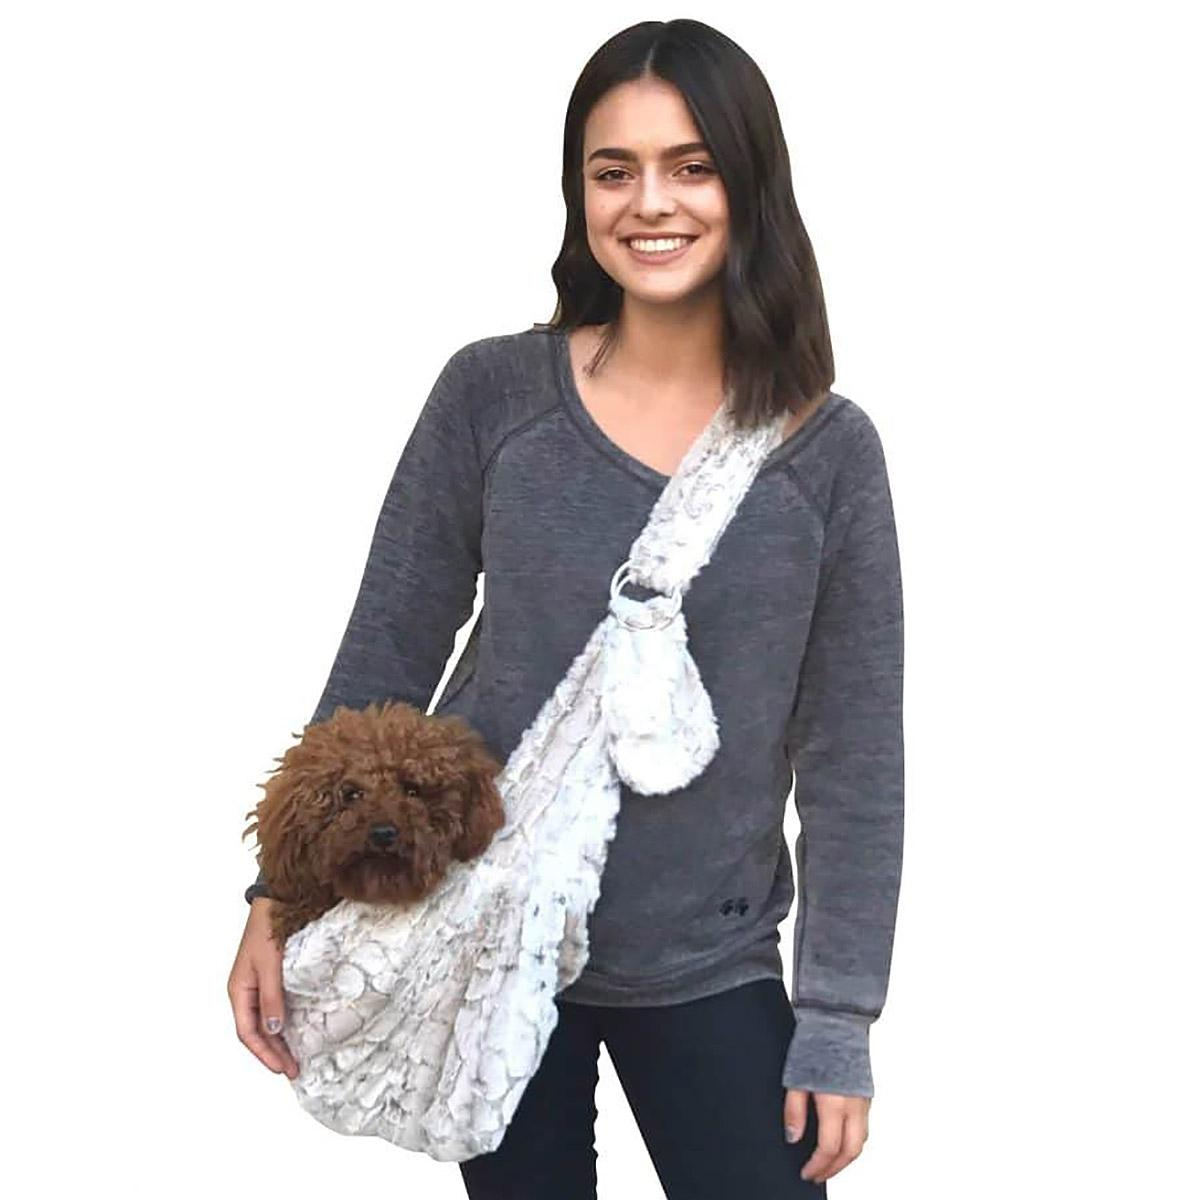 Fur Baby Adjustable Sling Bag Dog Carrier - Frosted Snow Leopard